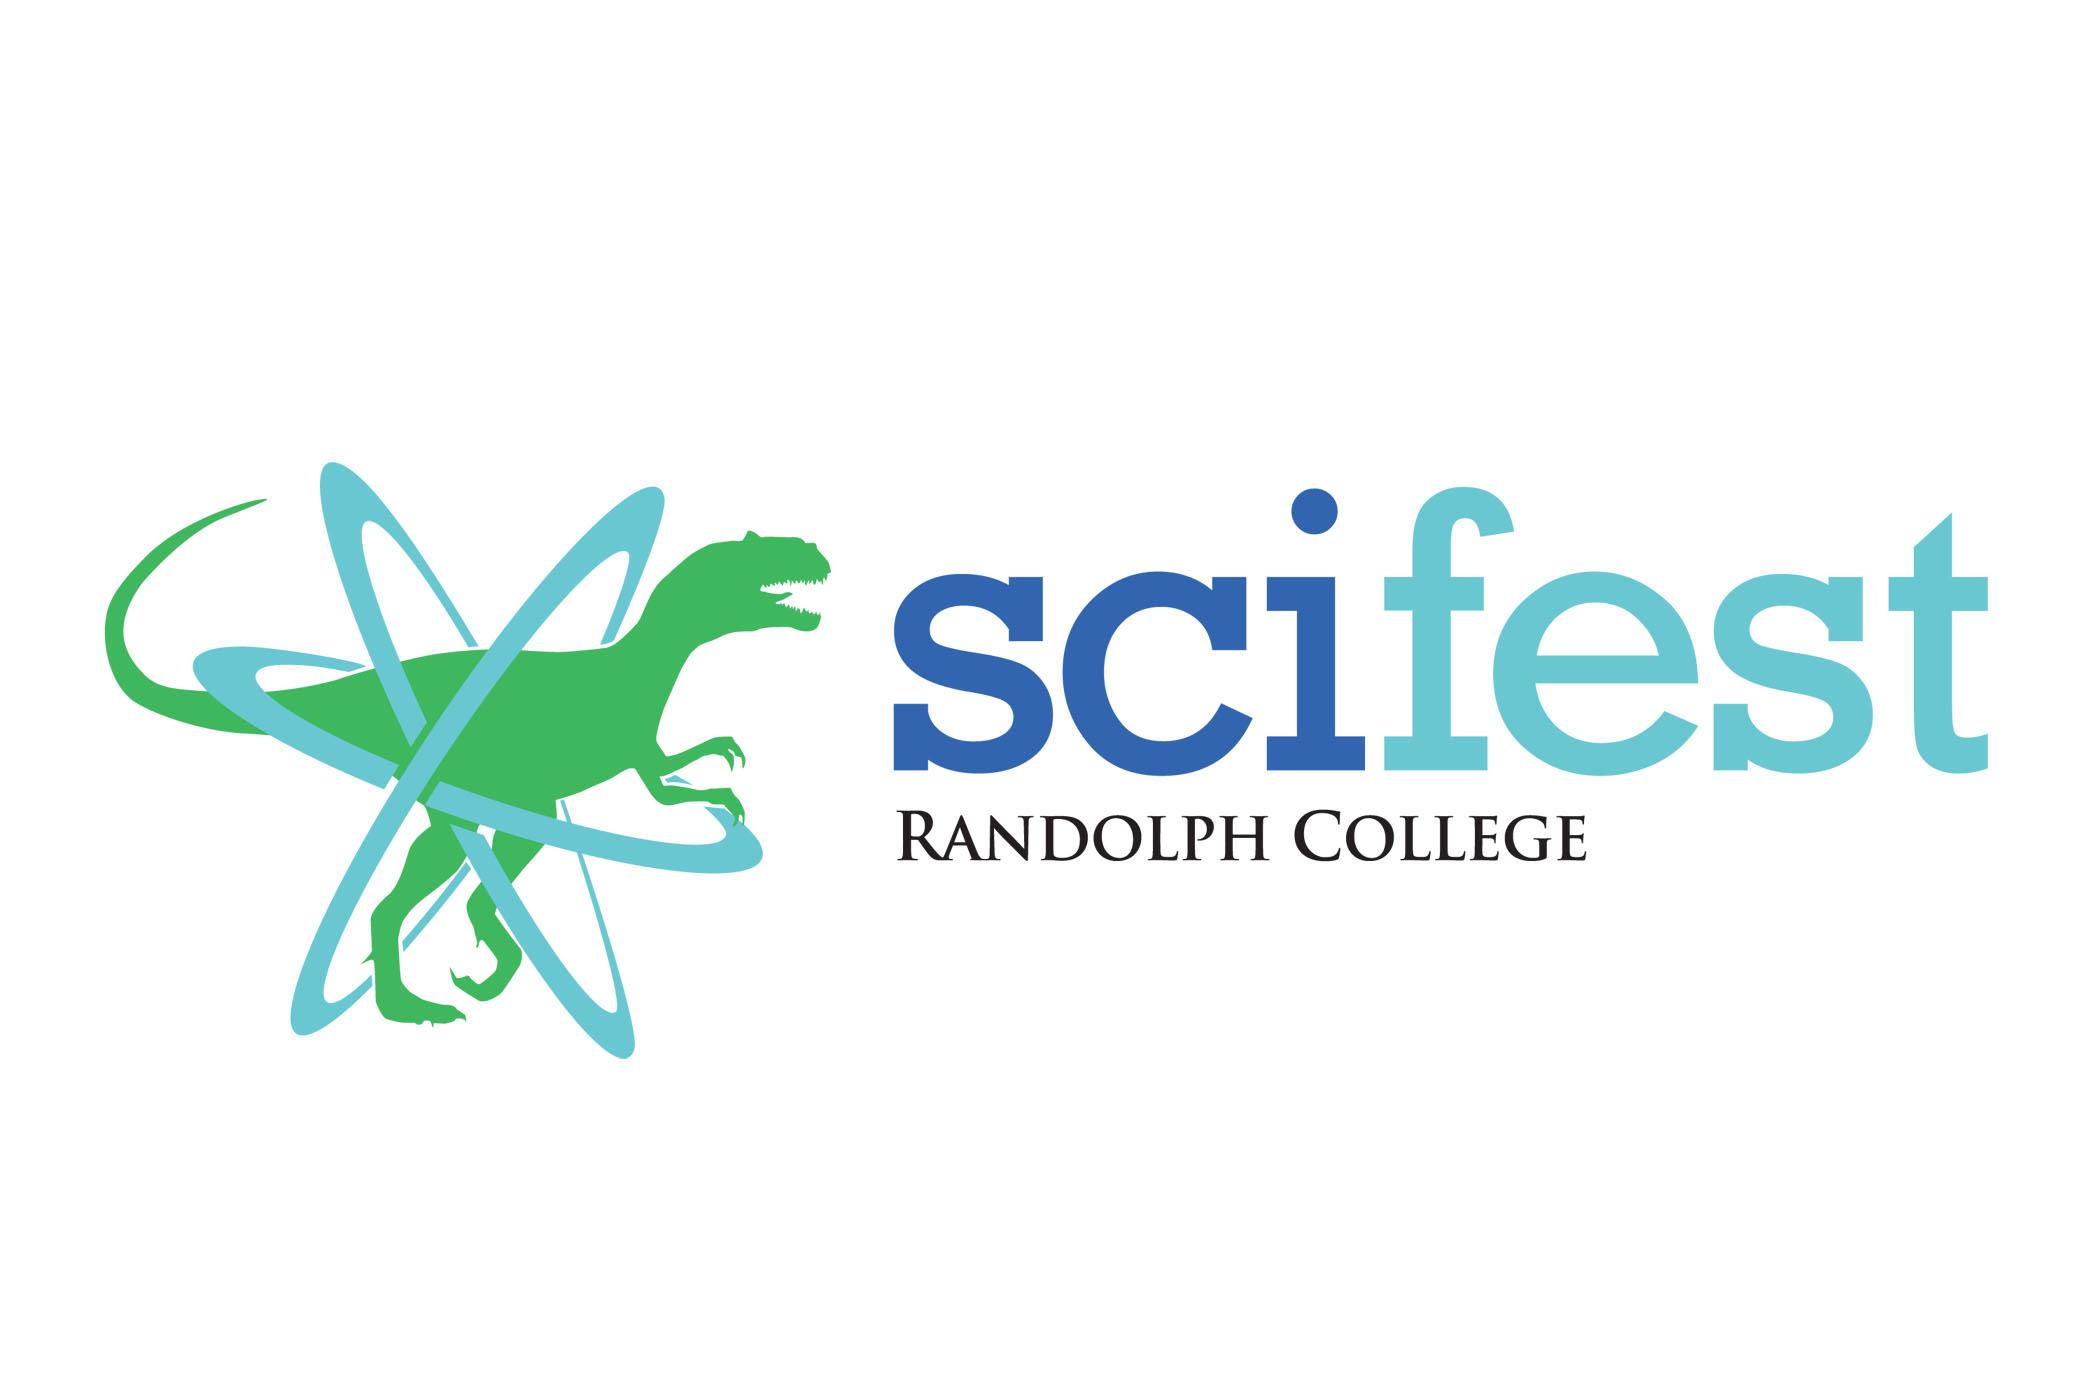 SciFest-logo.jpg